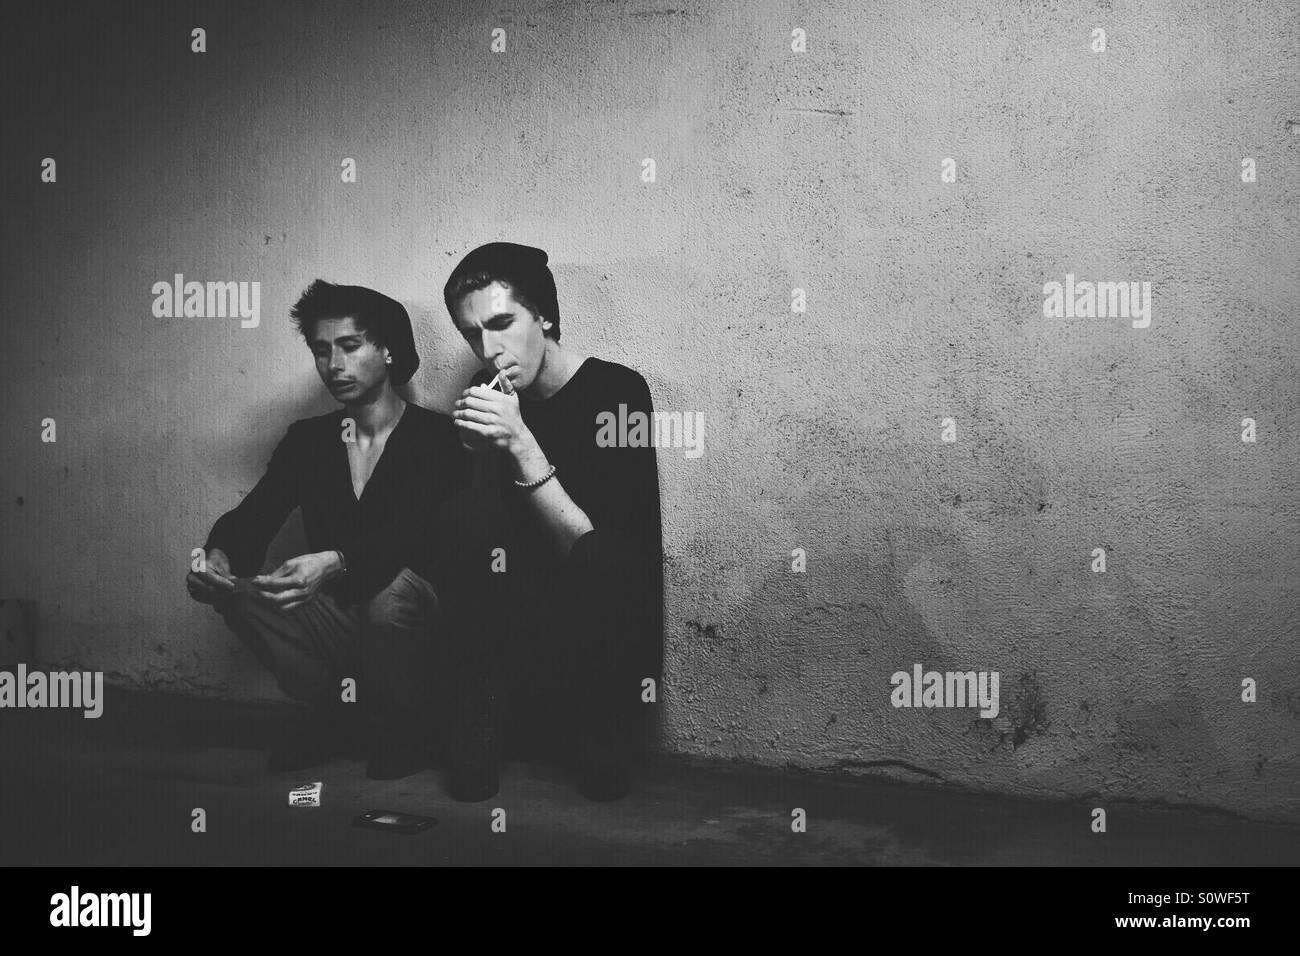 Zwei junge Männer in schwarzen sitzen gegen eine Mauer. Stockbild